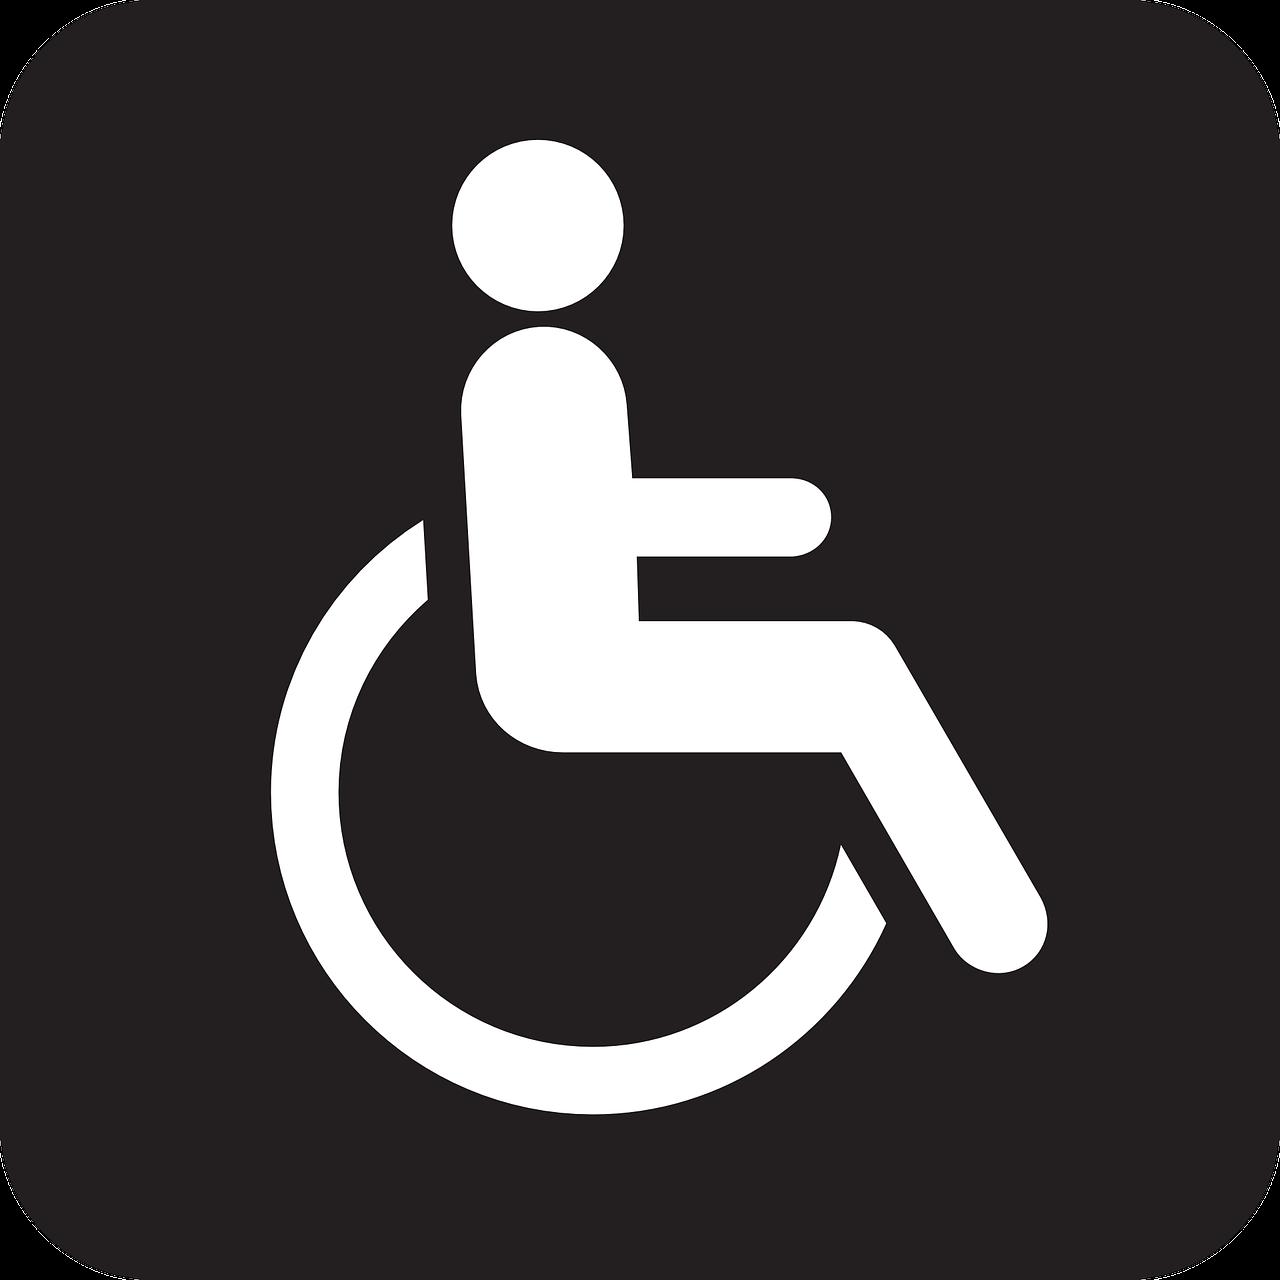 Rozemarijn Antroprosofische Woon- & Dagopvang voor Kinderen beoordelingen instelling gehandicaptenzorg verstandelijk gehandicapten